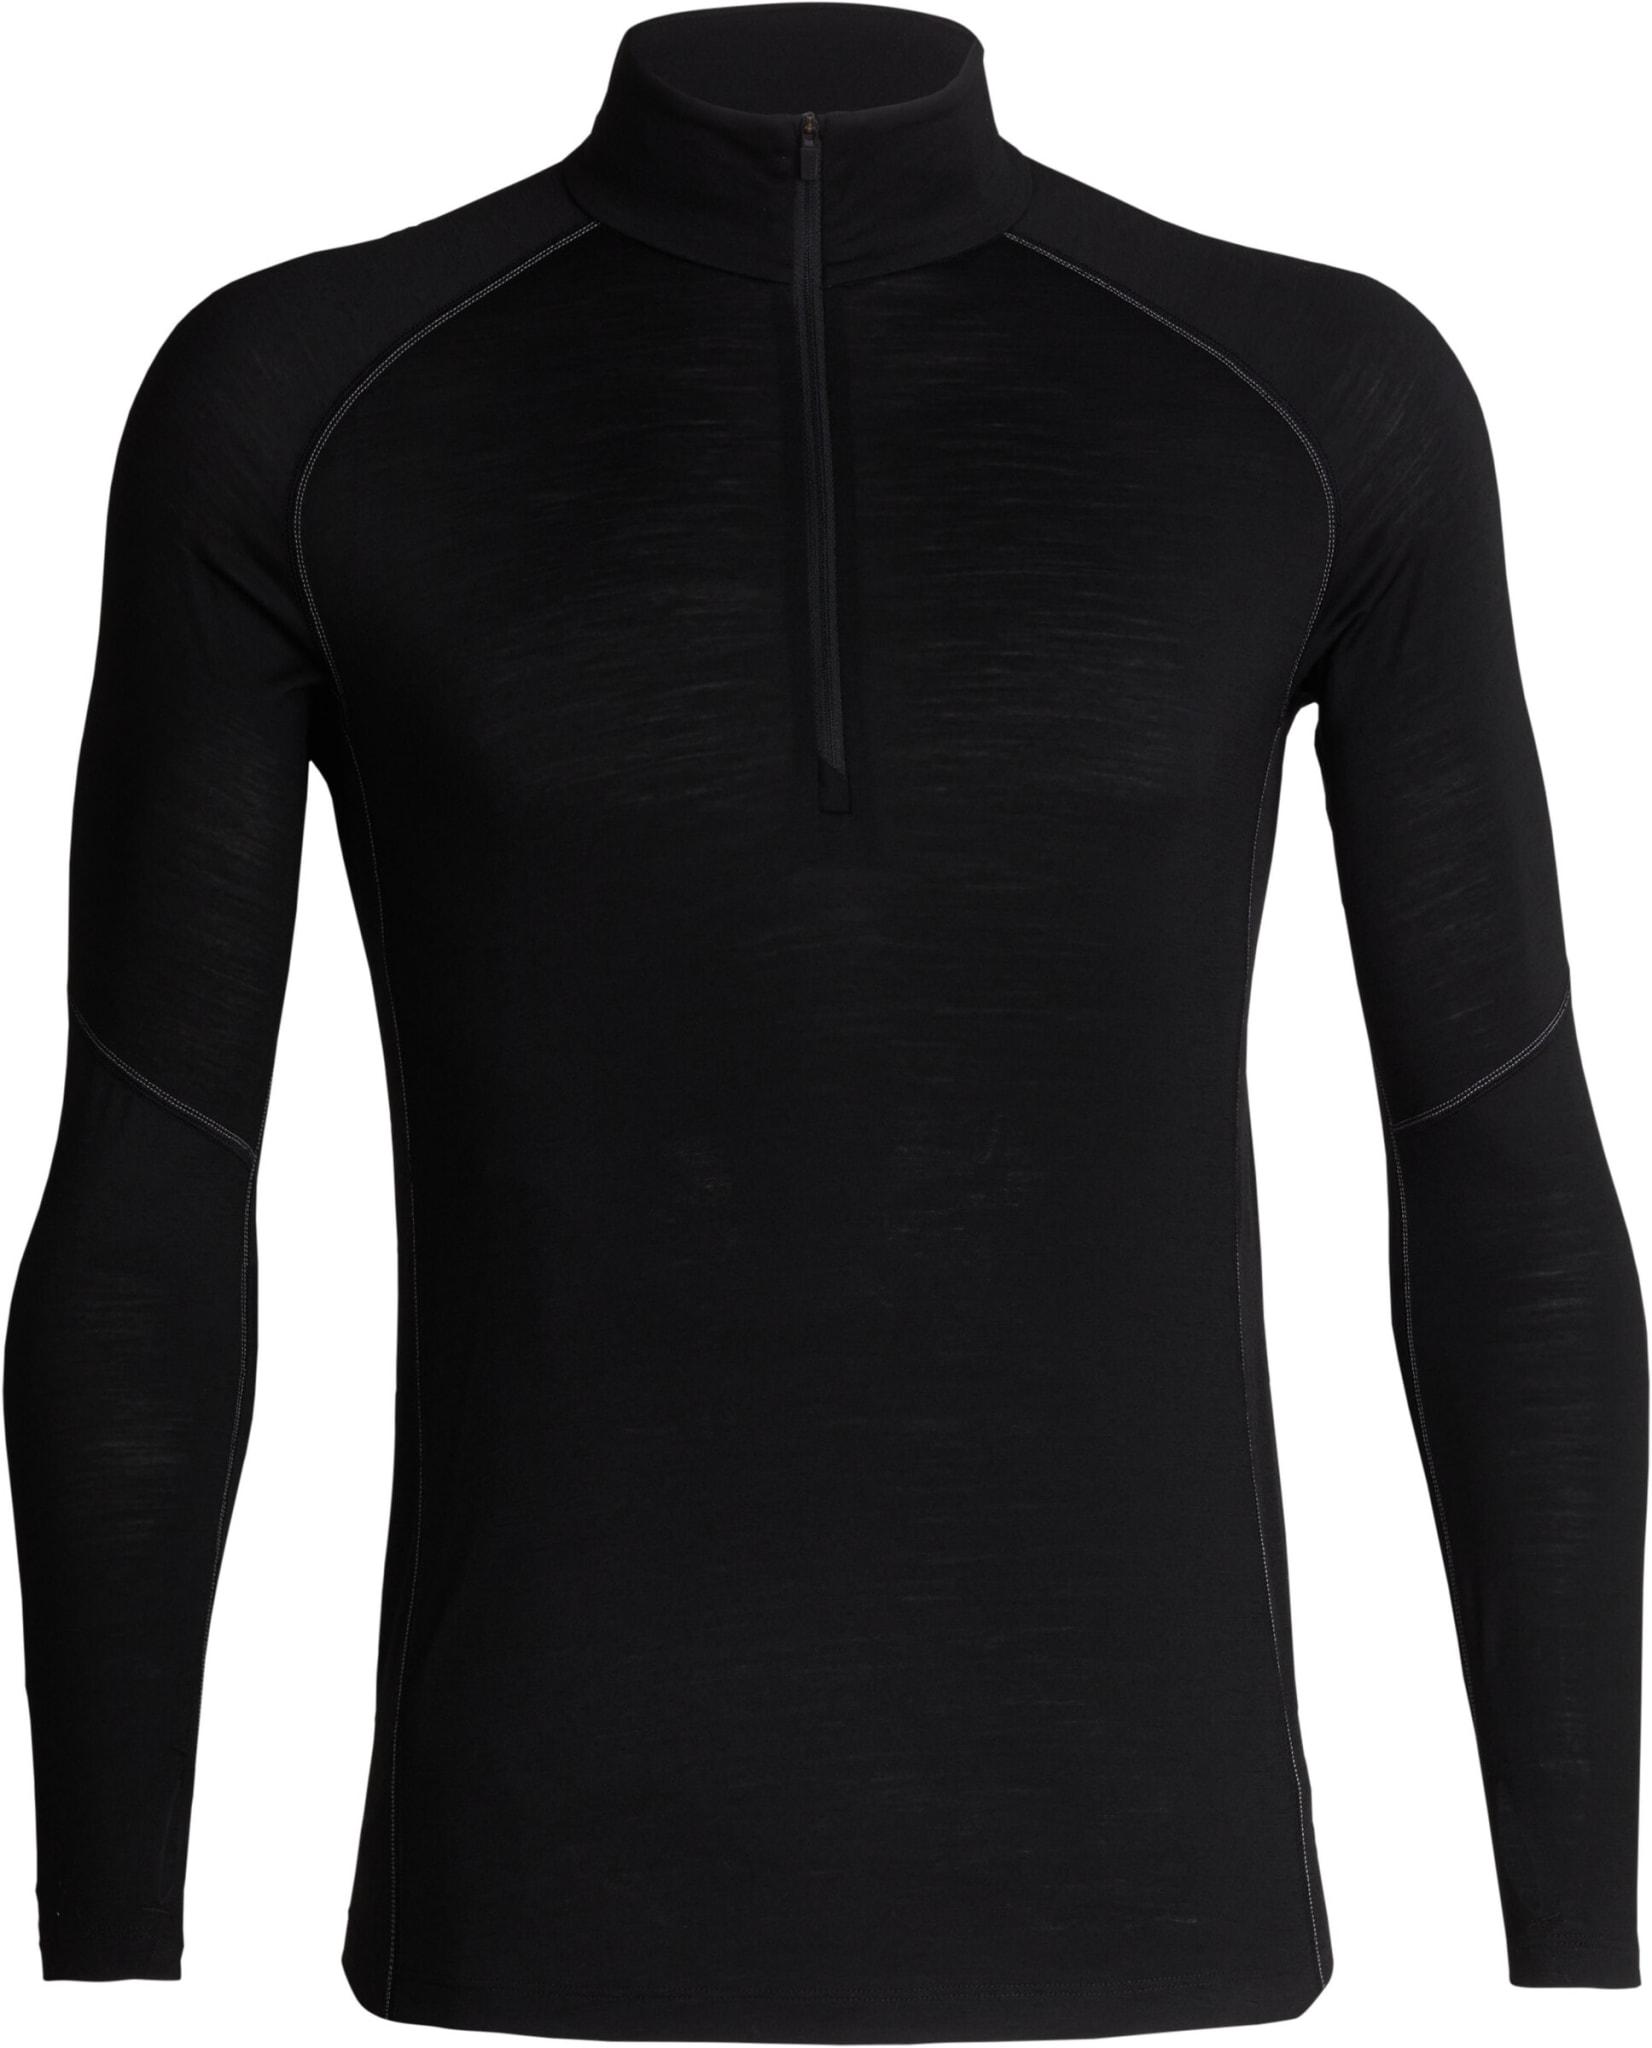 Ullskjorte som kombinerer tynn ull og strategisk plasserte paneler med ullnetting.